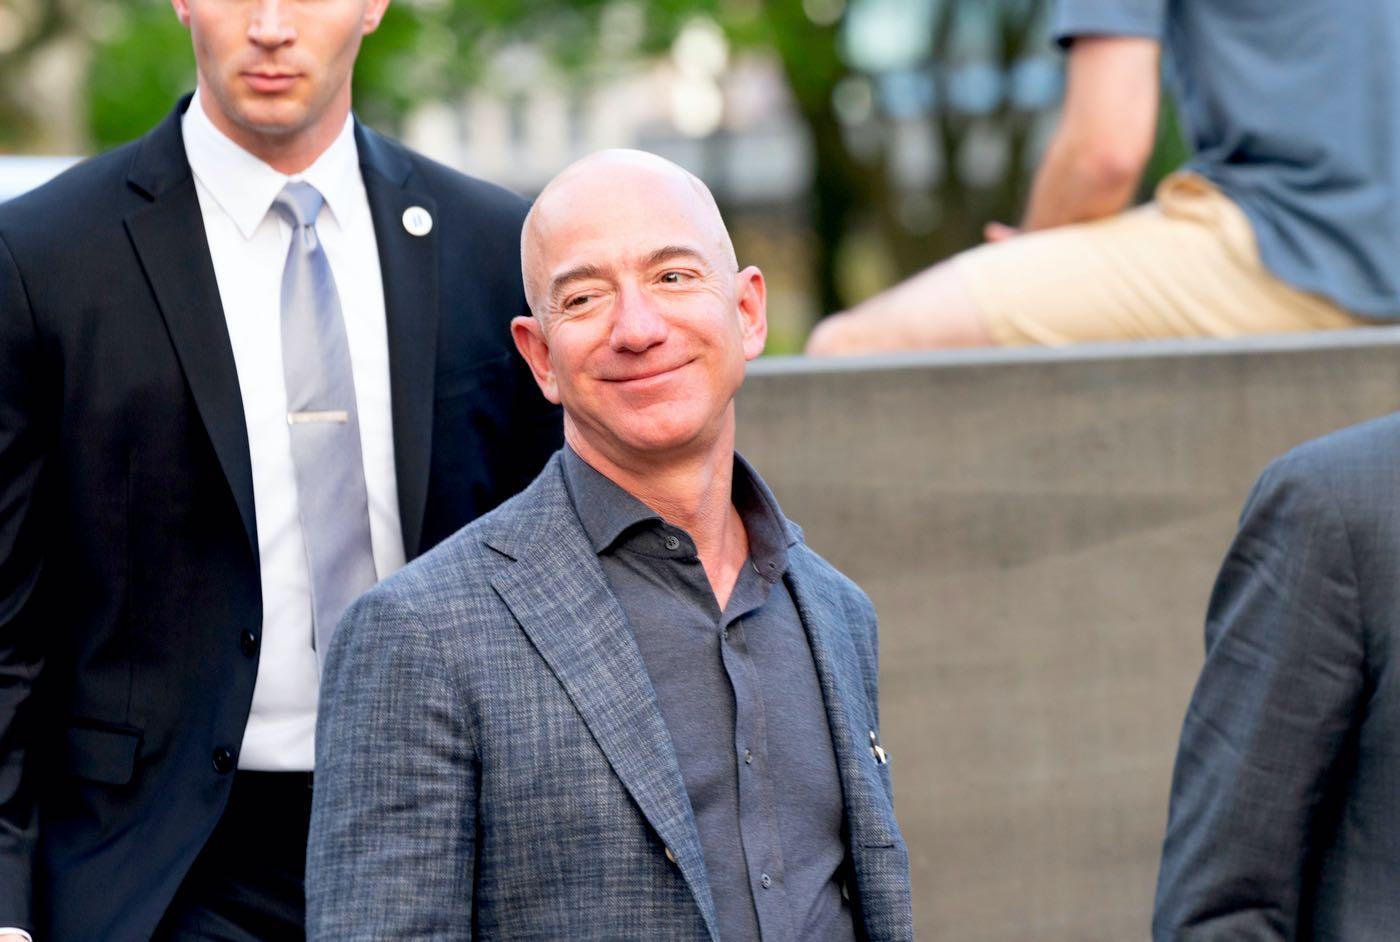 Jeff Bezos comparte un viejo artículo que predijo el fracaso de Amazon; Elon Musk responde